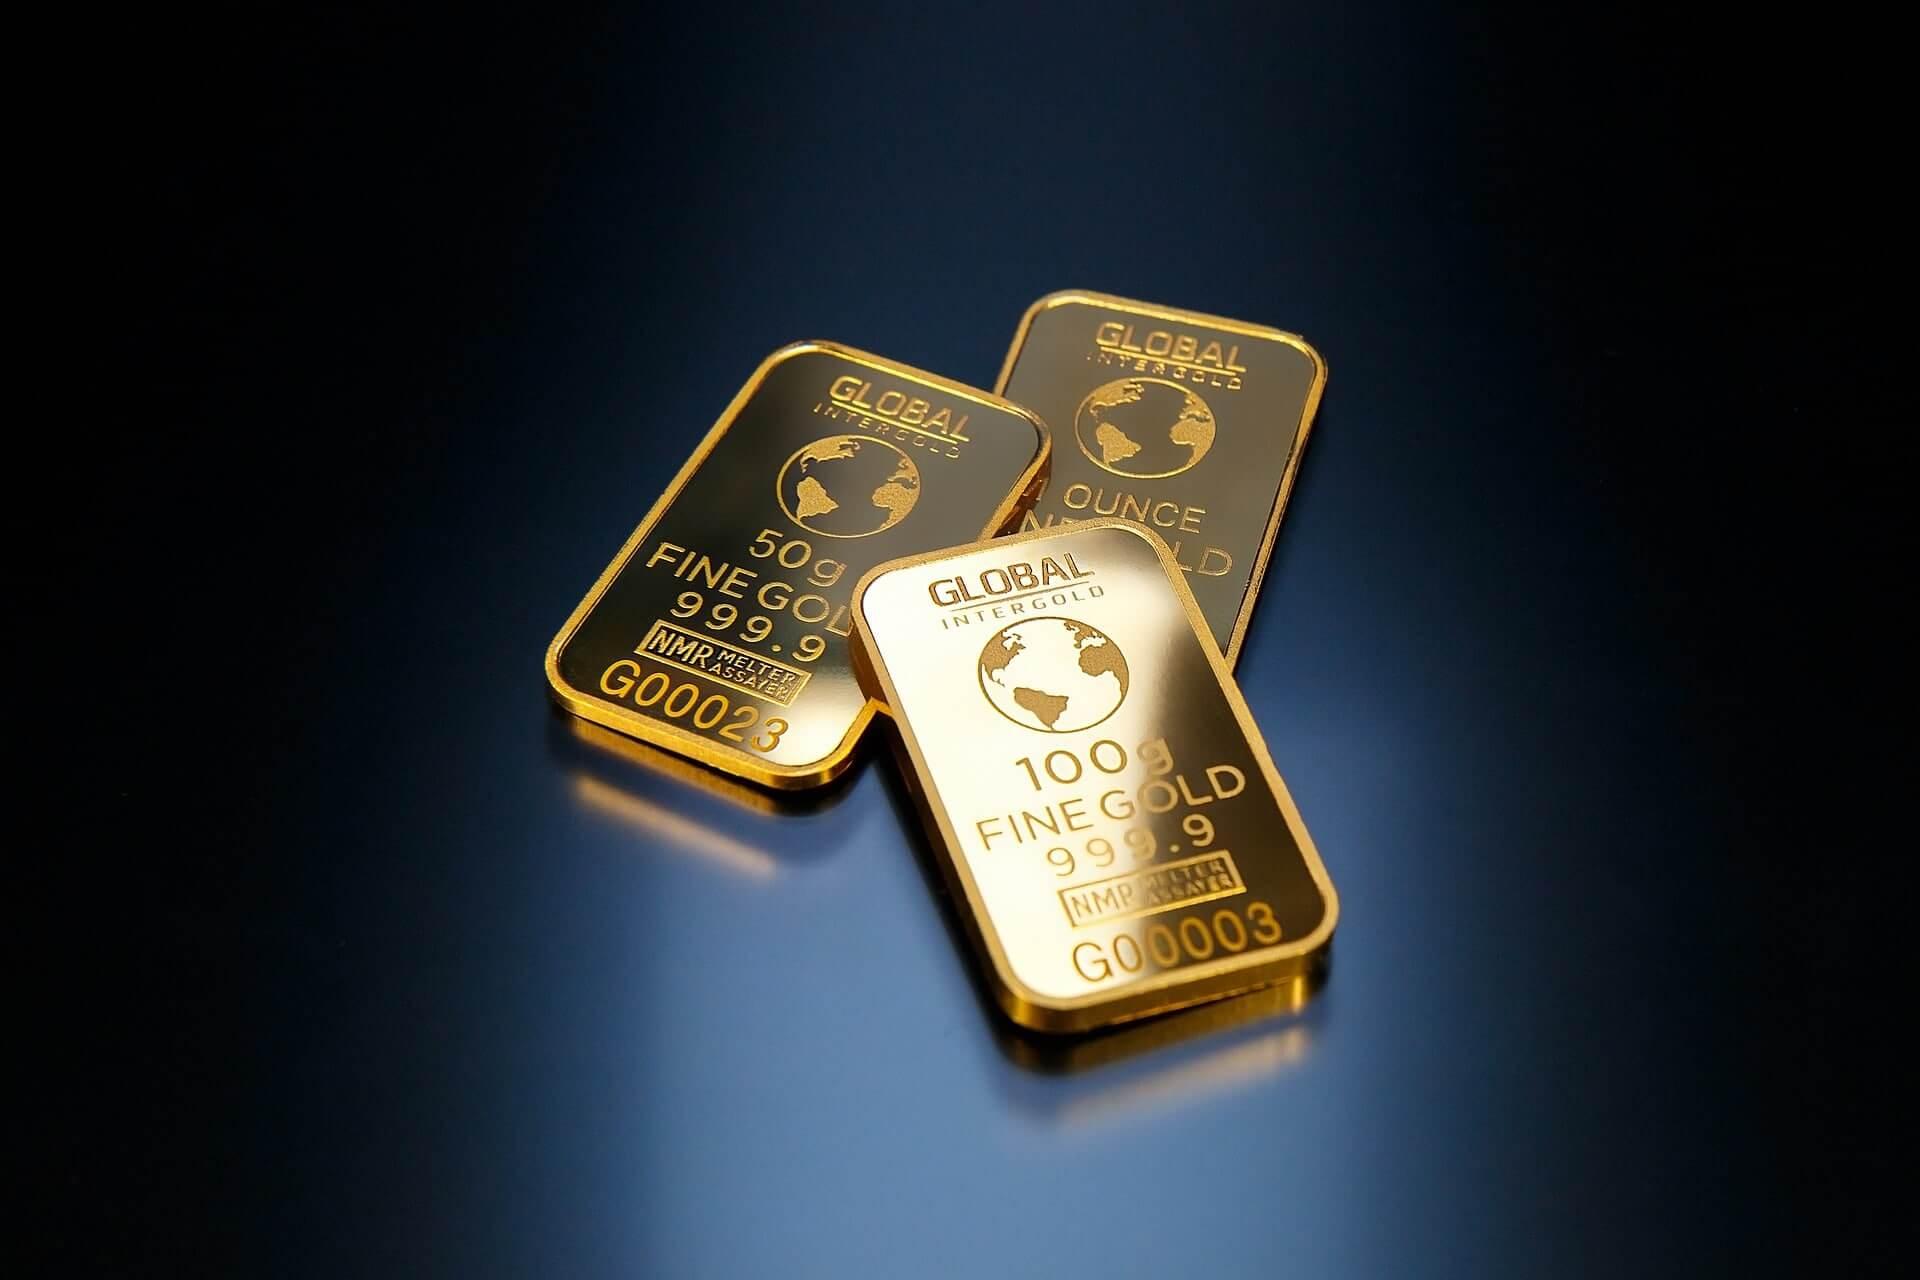 26.05.20 Přehled komodit – Zlato, Stříbro